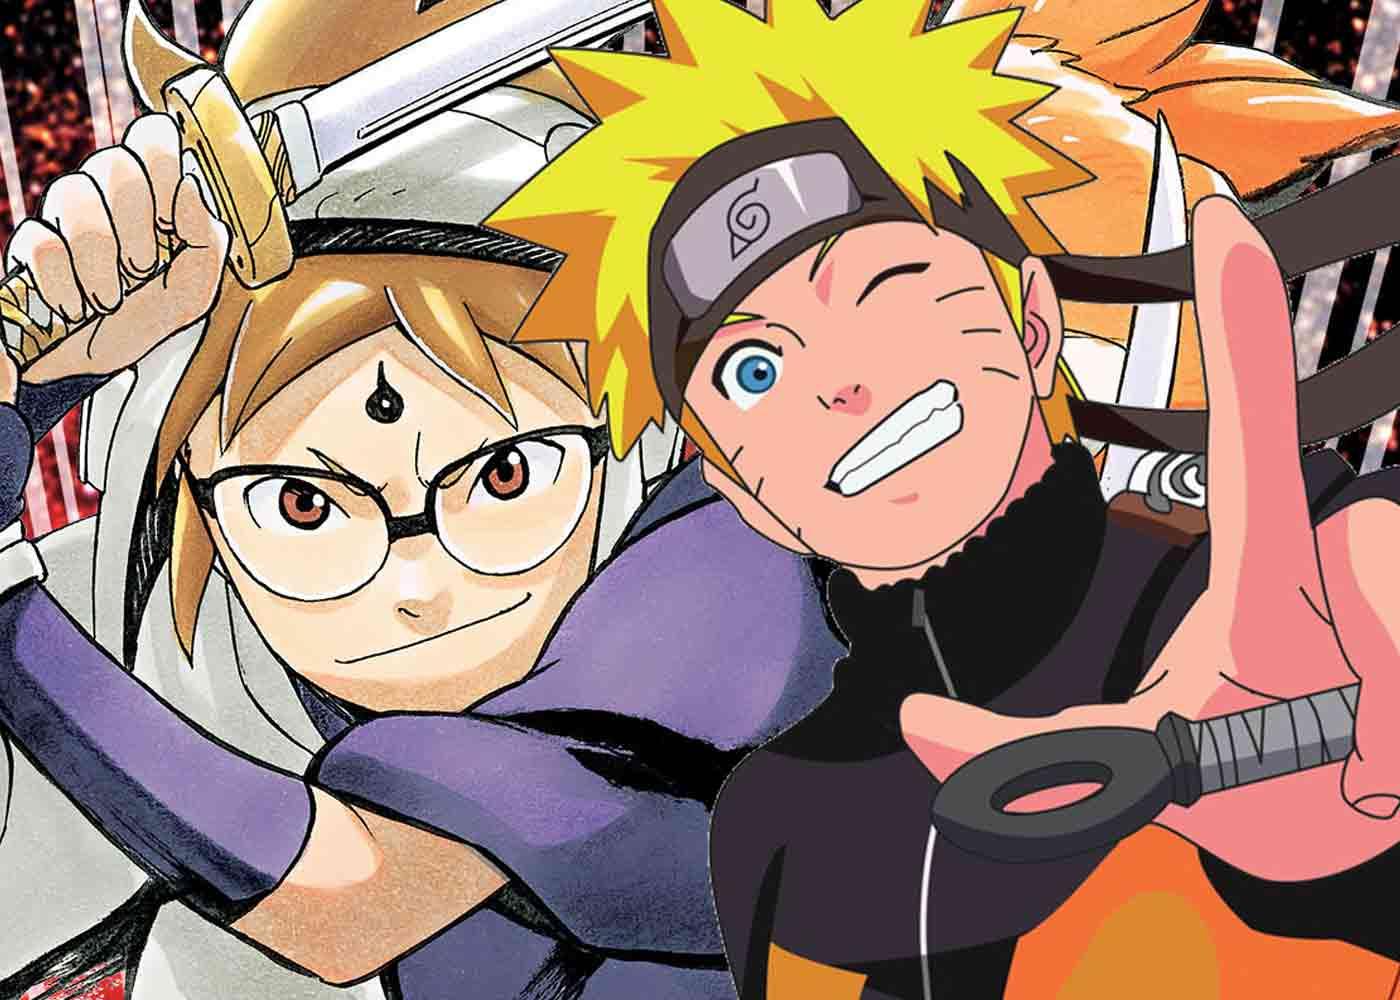 Perbedaan Manga Naruto Dan Samurai 8